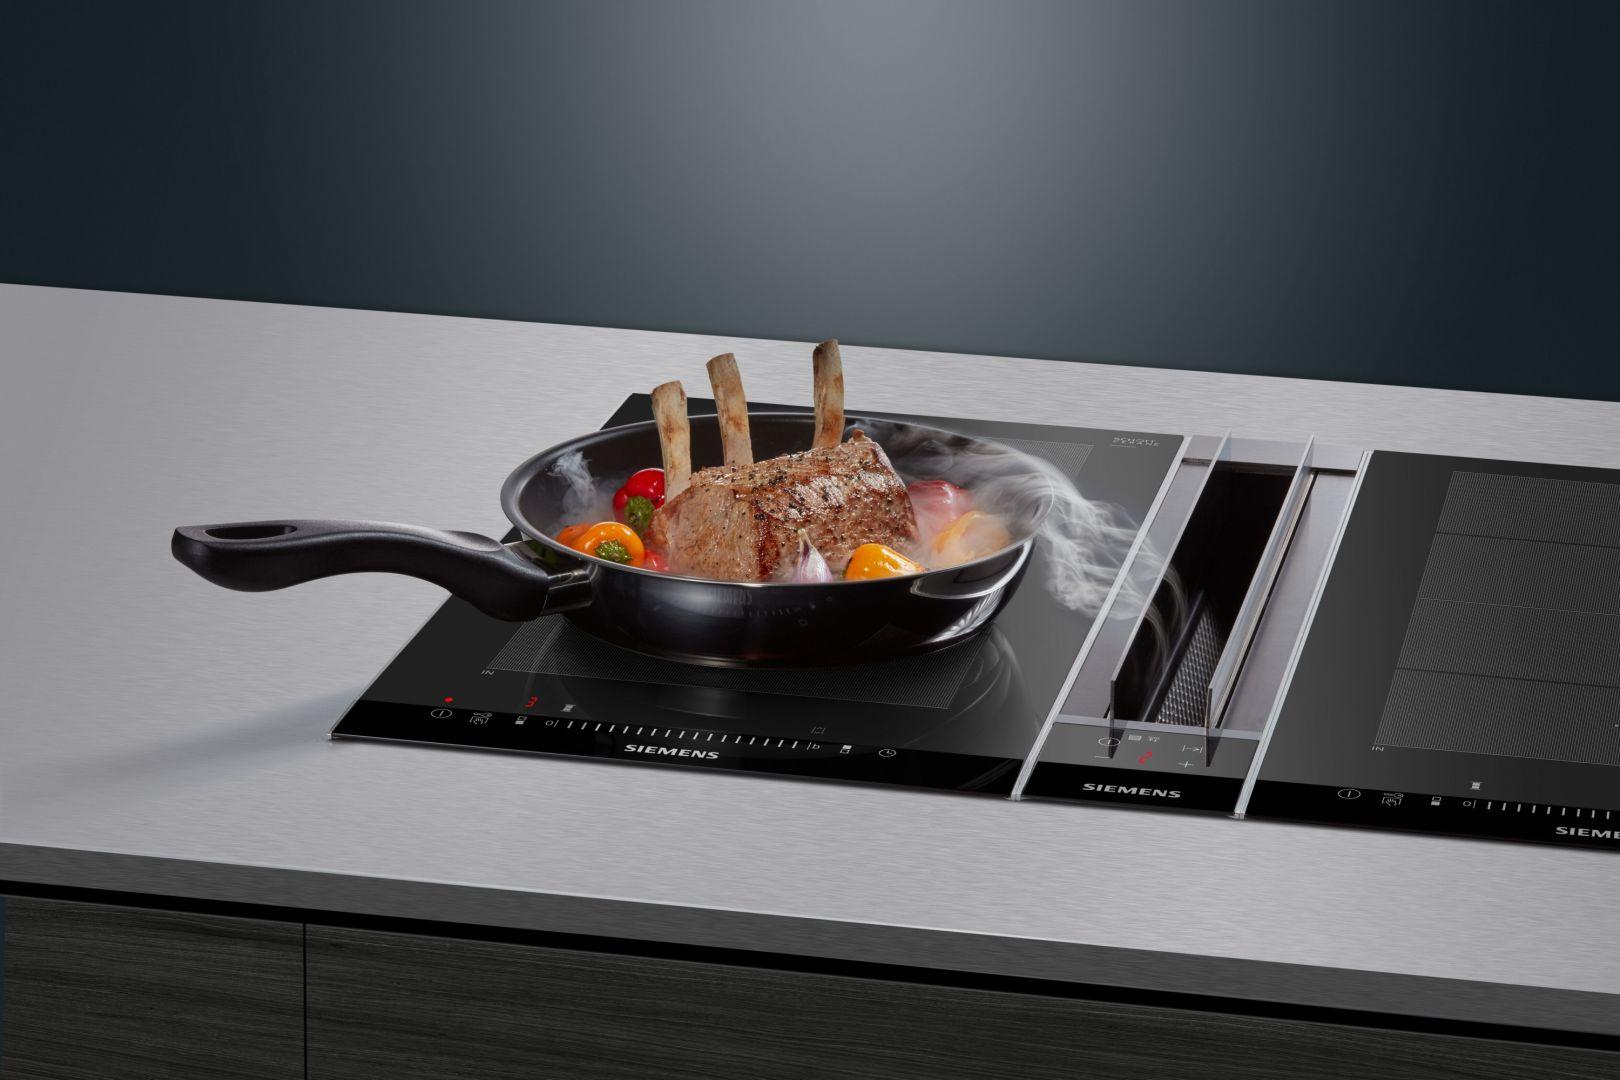 System flexInduction pozwala elastycznie dobrać ustawienia płyty kuchennej. Wystarczy przesunąć naczynie, a strefa, na której zostało postawione, aktywuje się automatycznie.